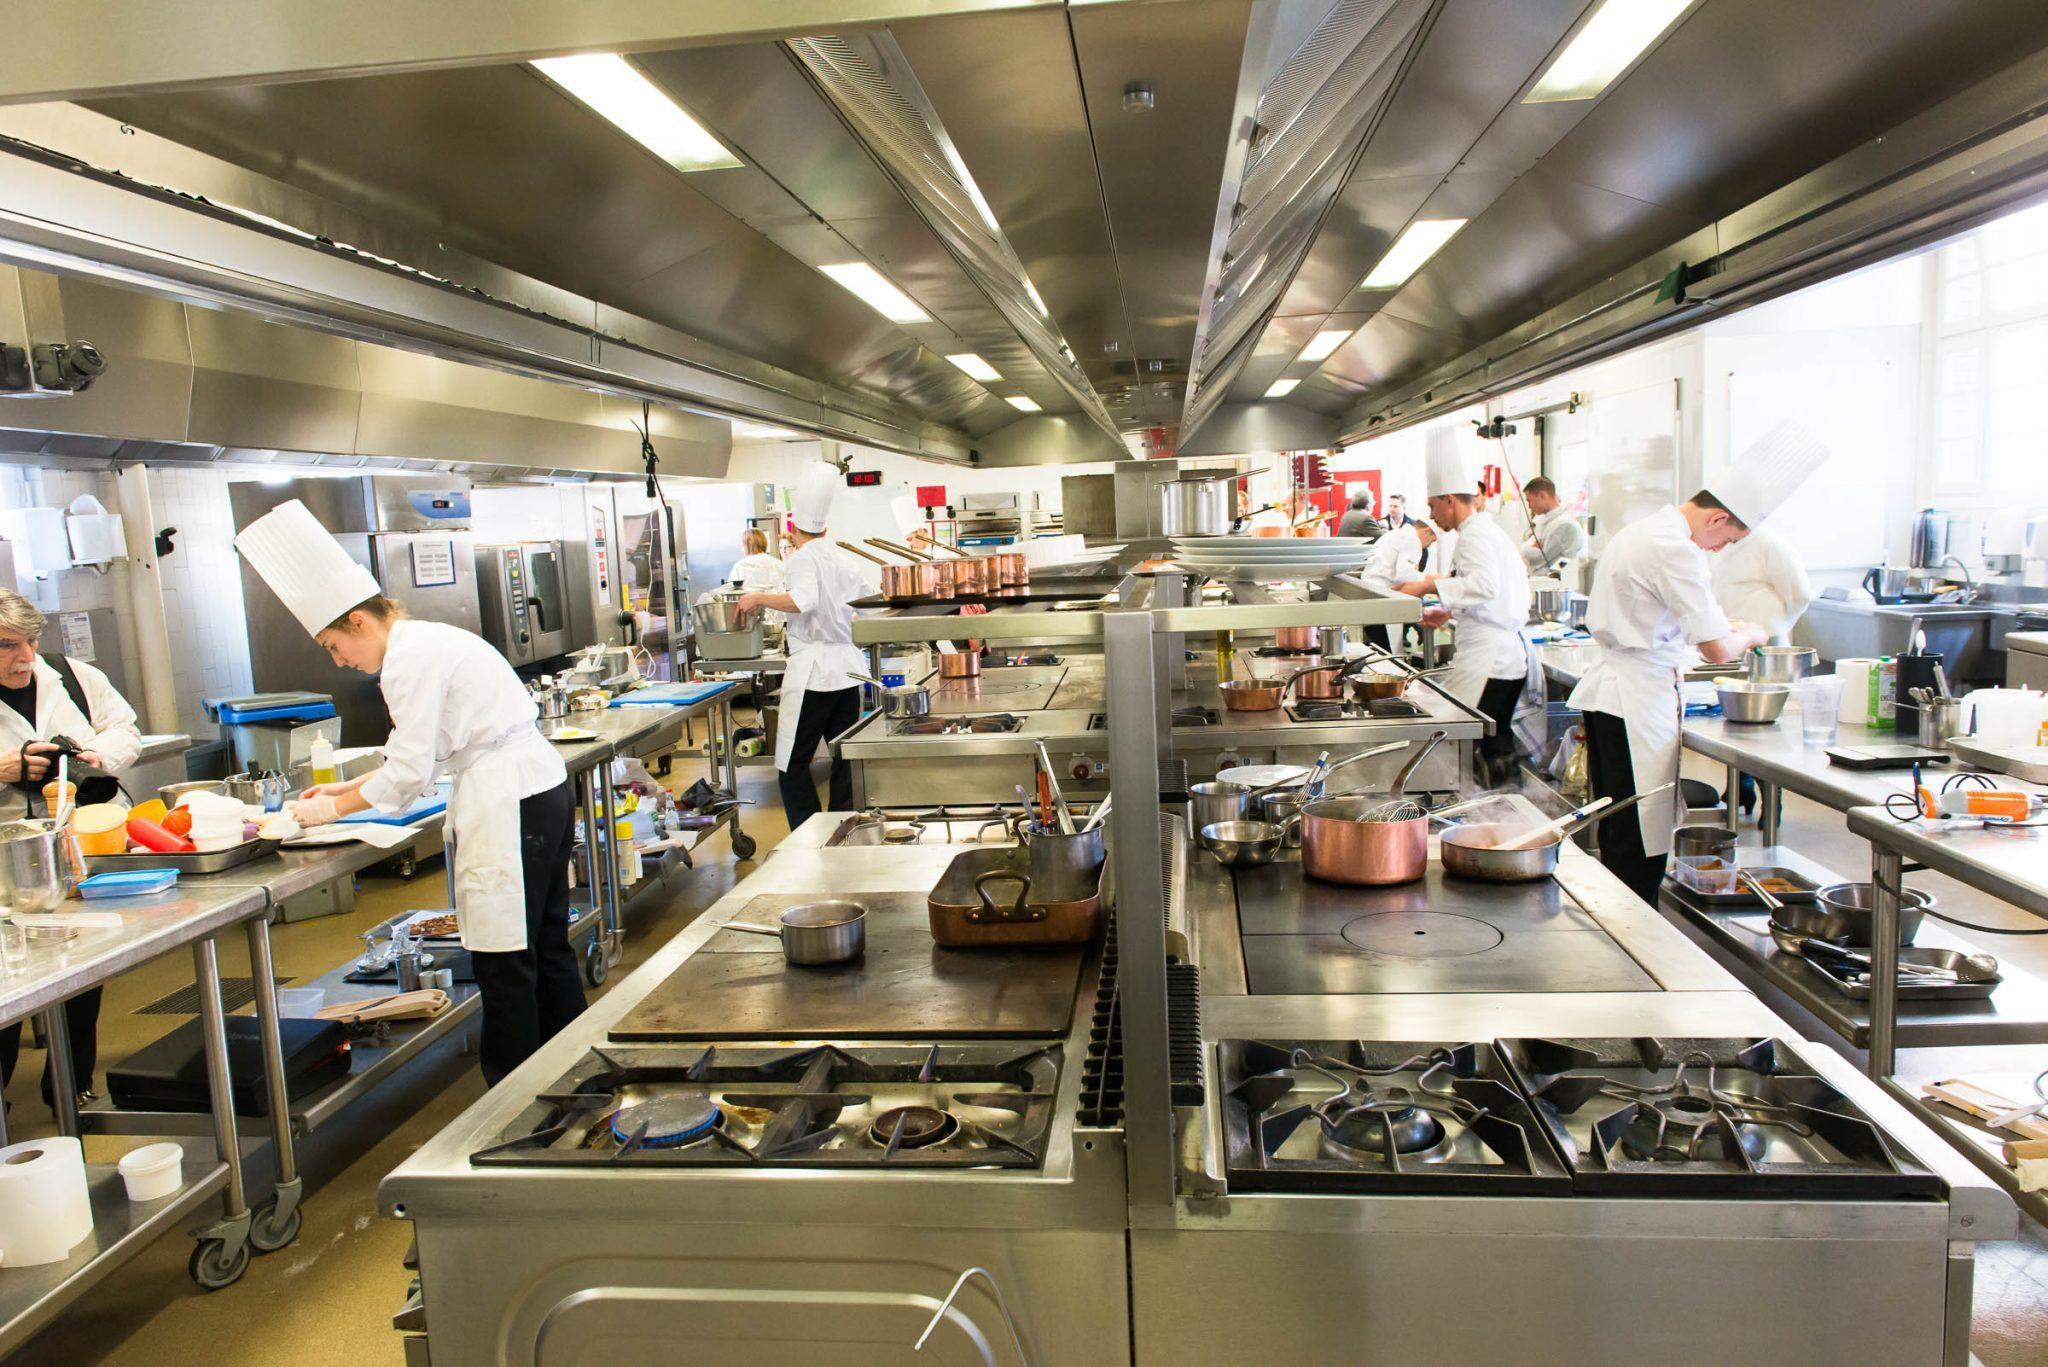 Pour sa 6ème édition, le concours Jeunes talents Maîtres Restaurateurs s'est déroulé le 29 février 2016 à l'école Grégoire Ferrandi_© Jean-Louis Vandevivere